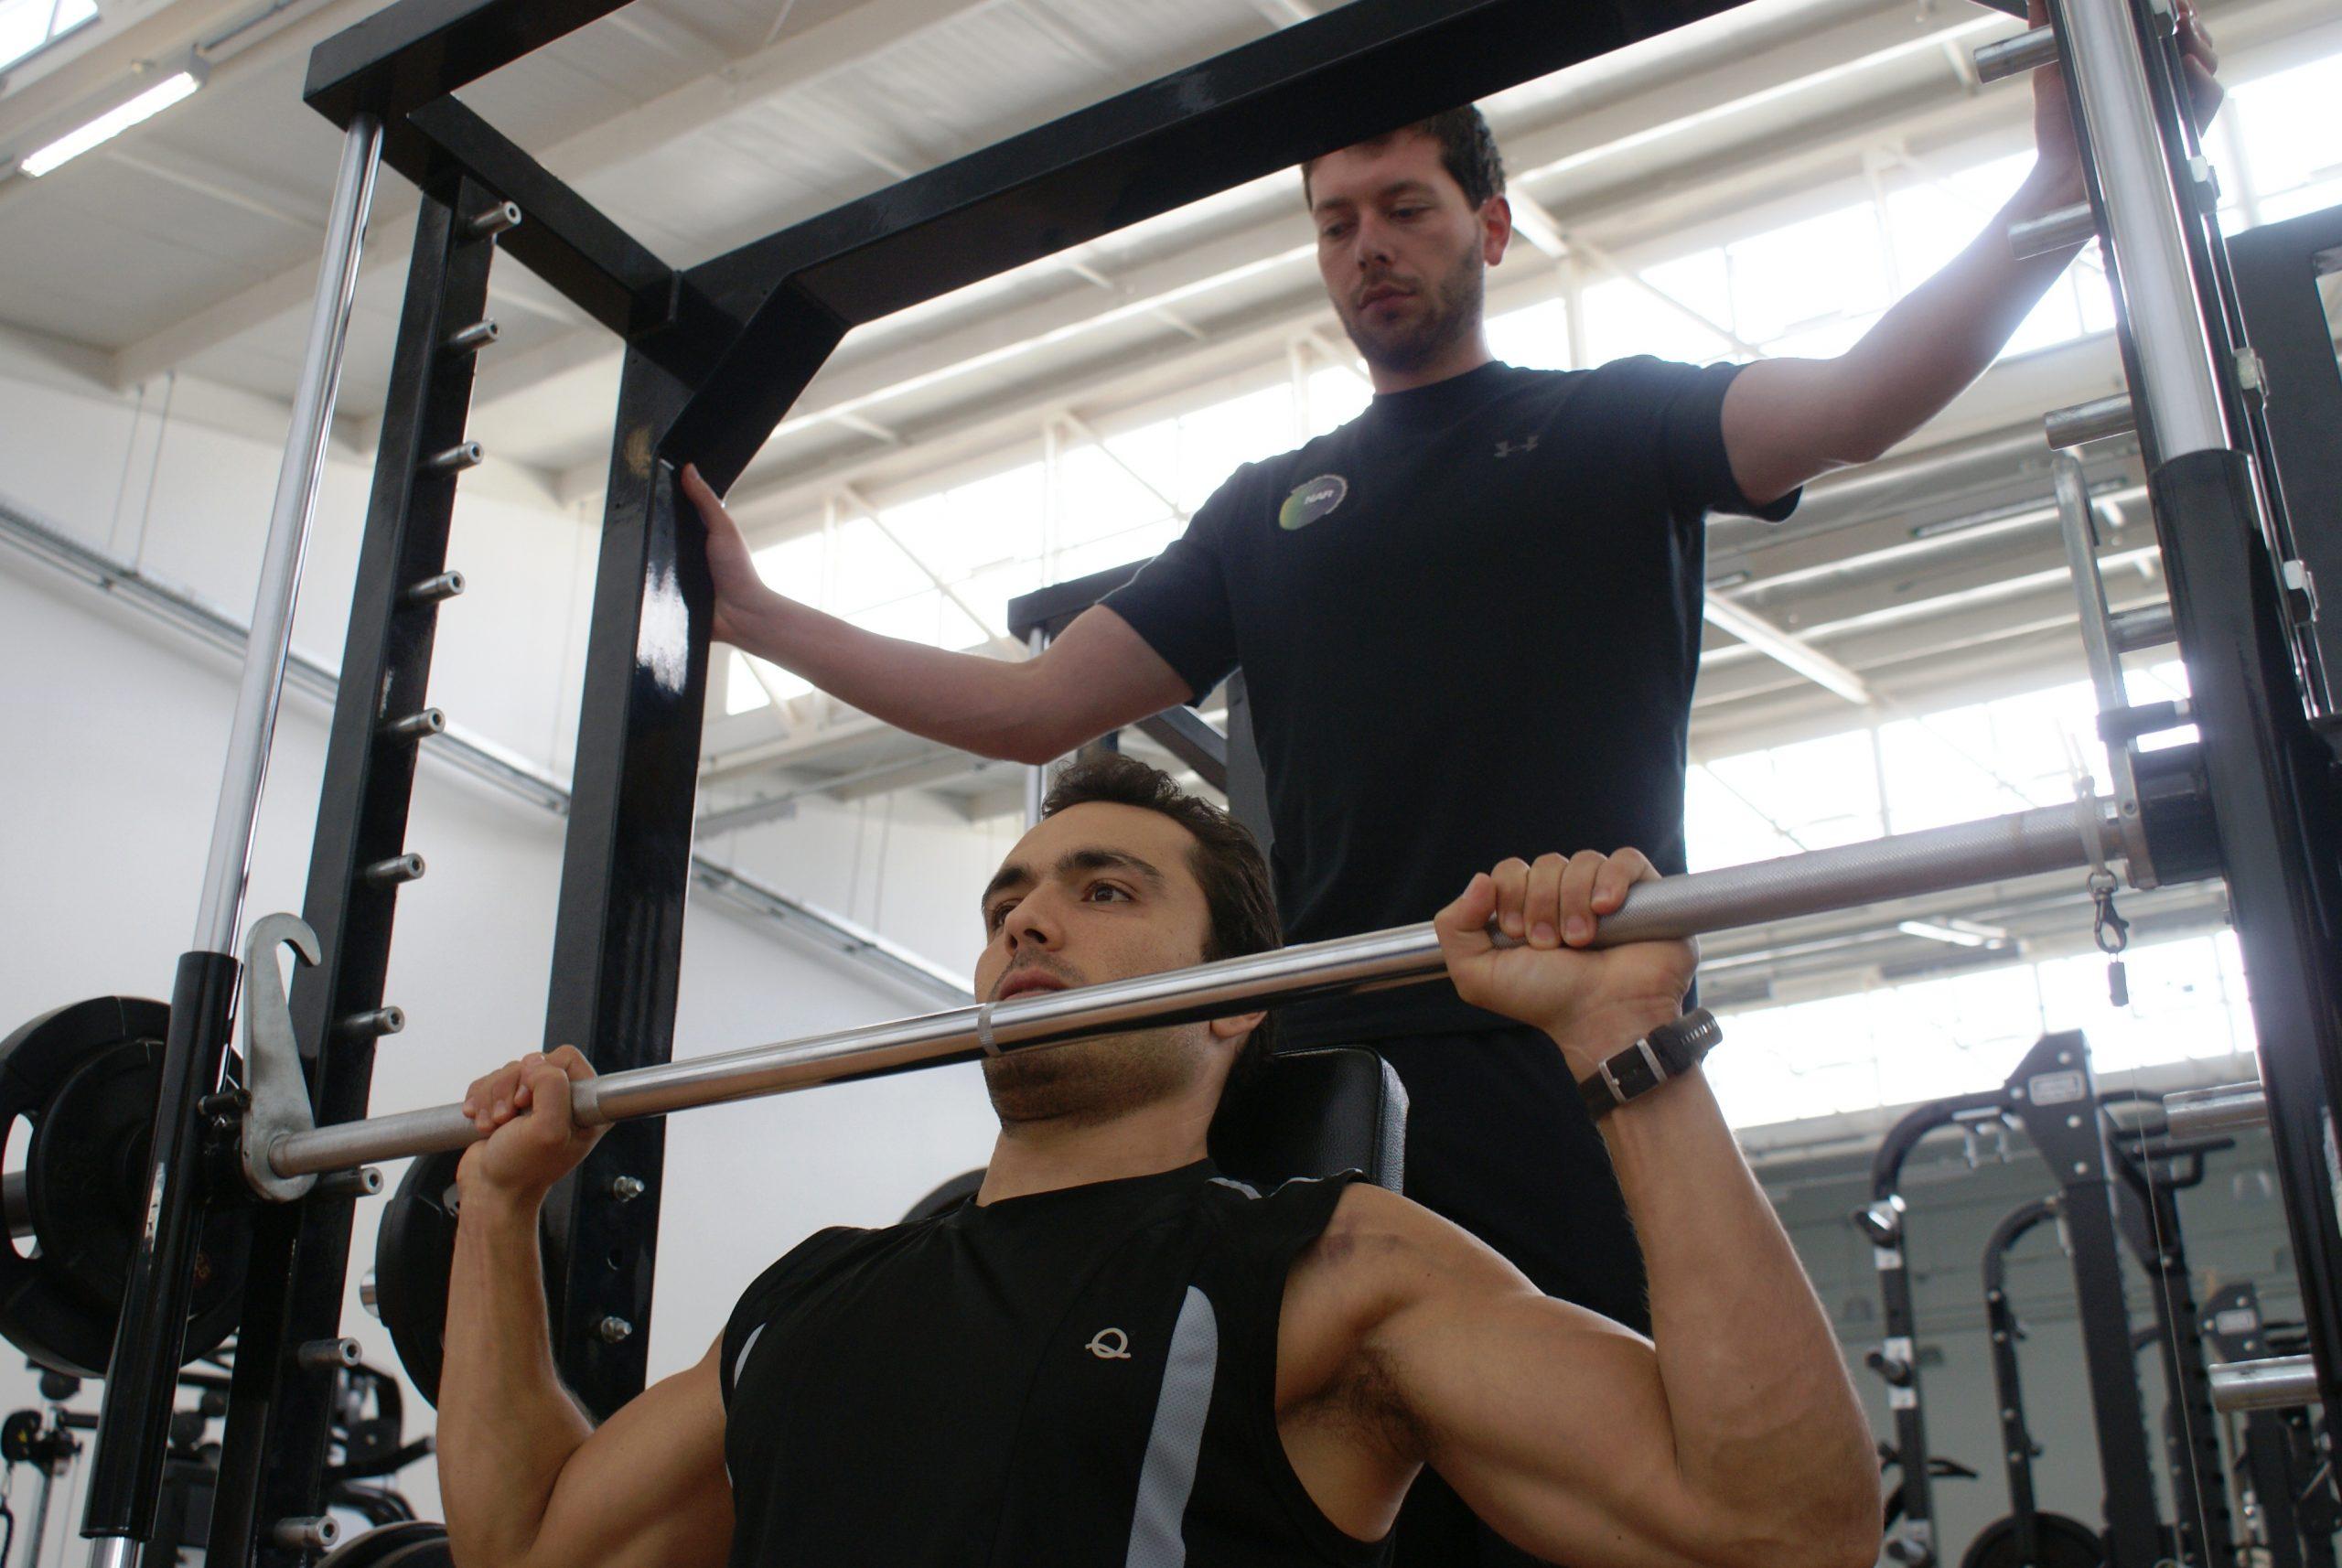 Em preparação para o campeonato brasileiro, remador paralímpico Lucas Pagani é avaliado no NAR